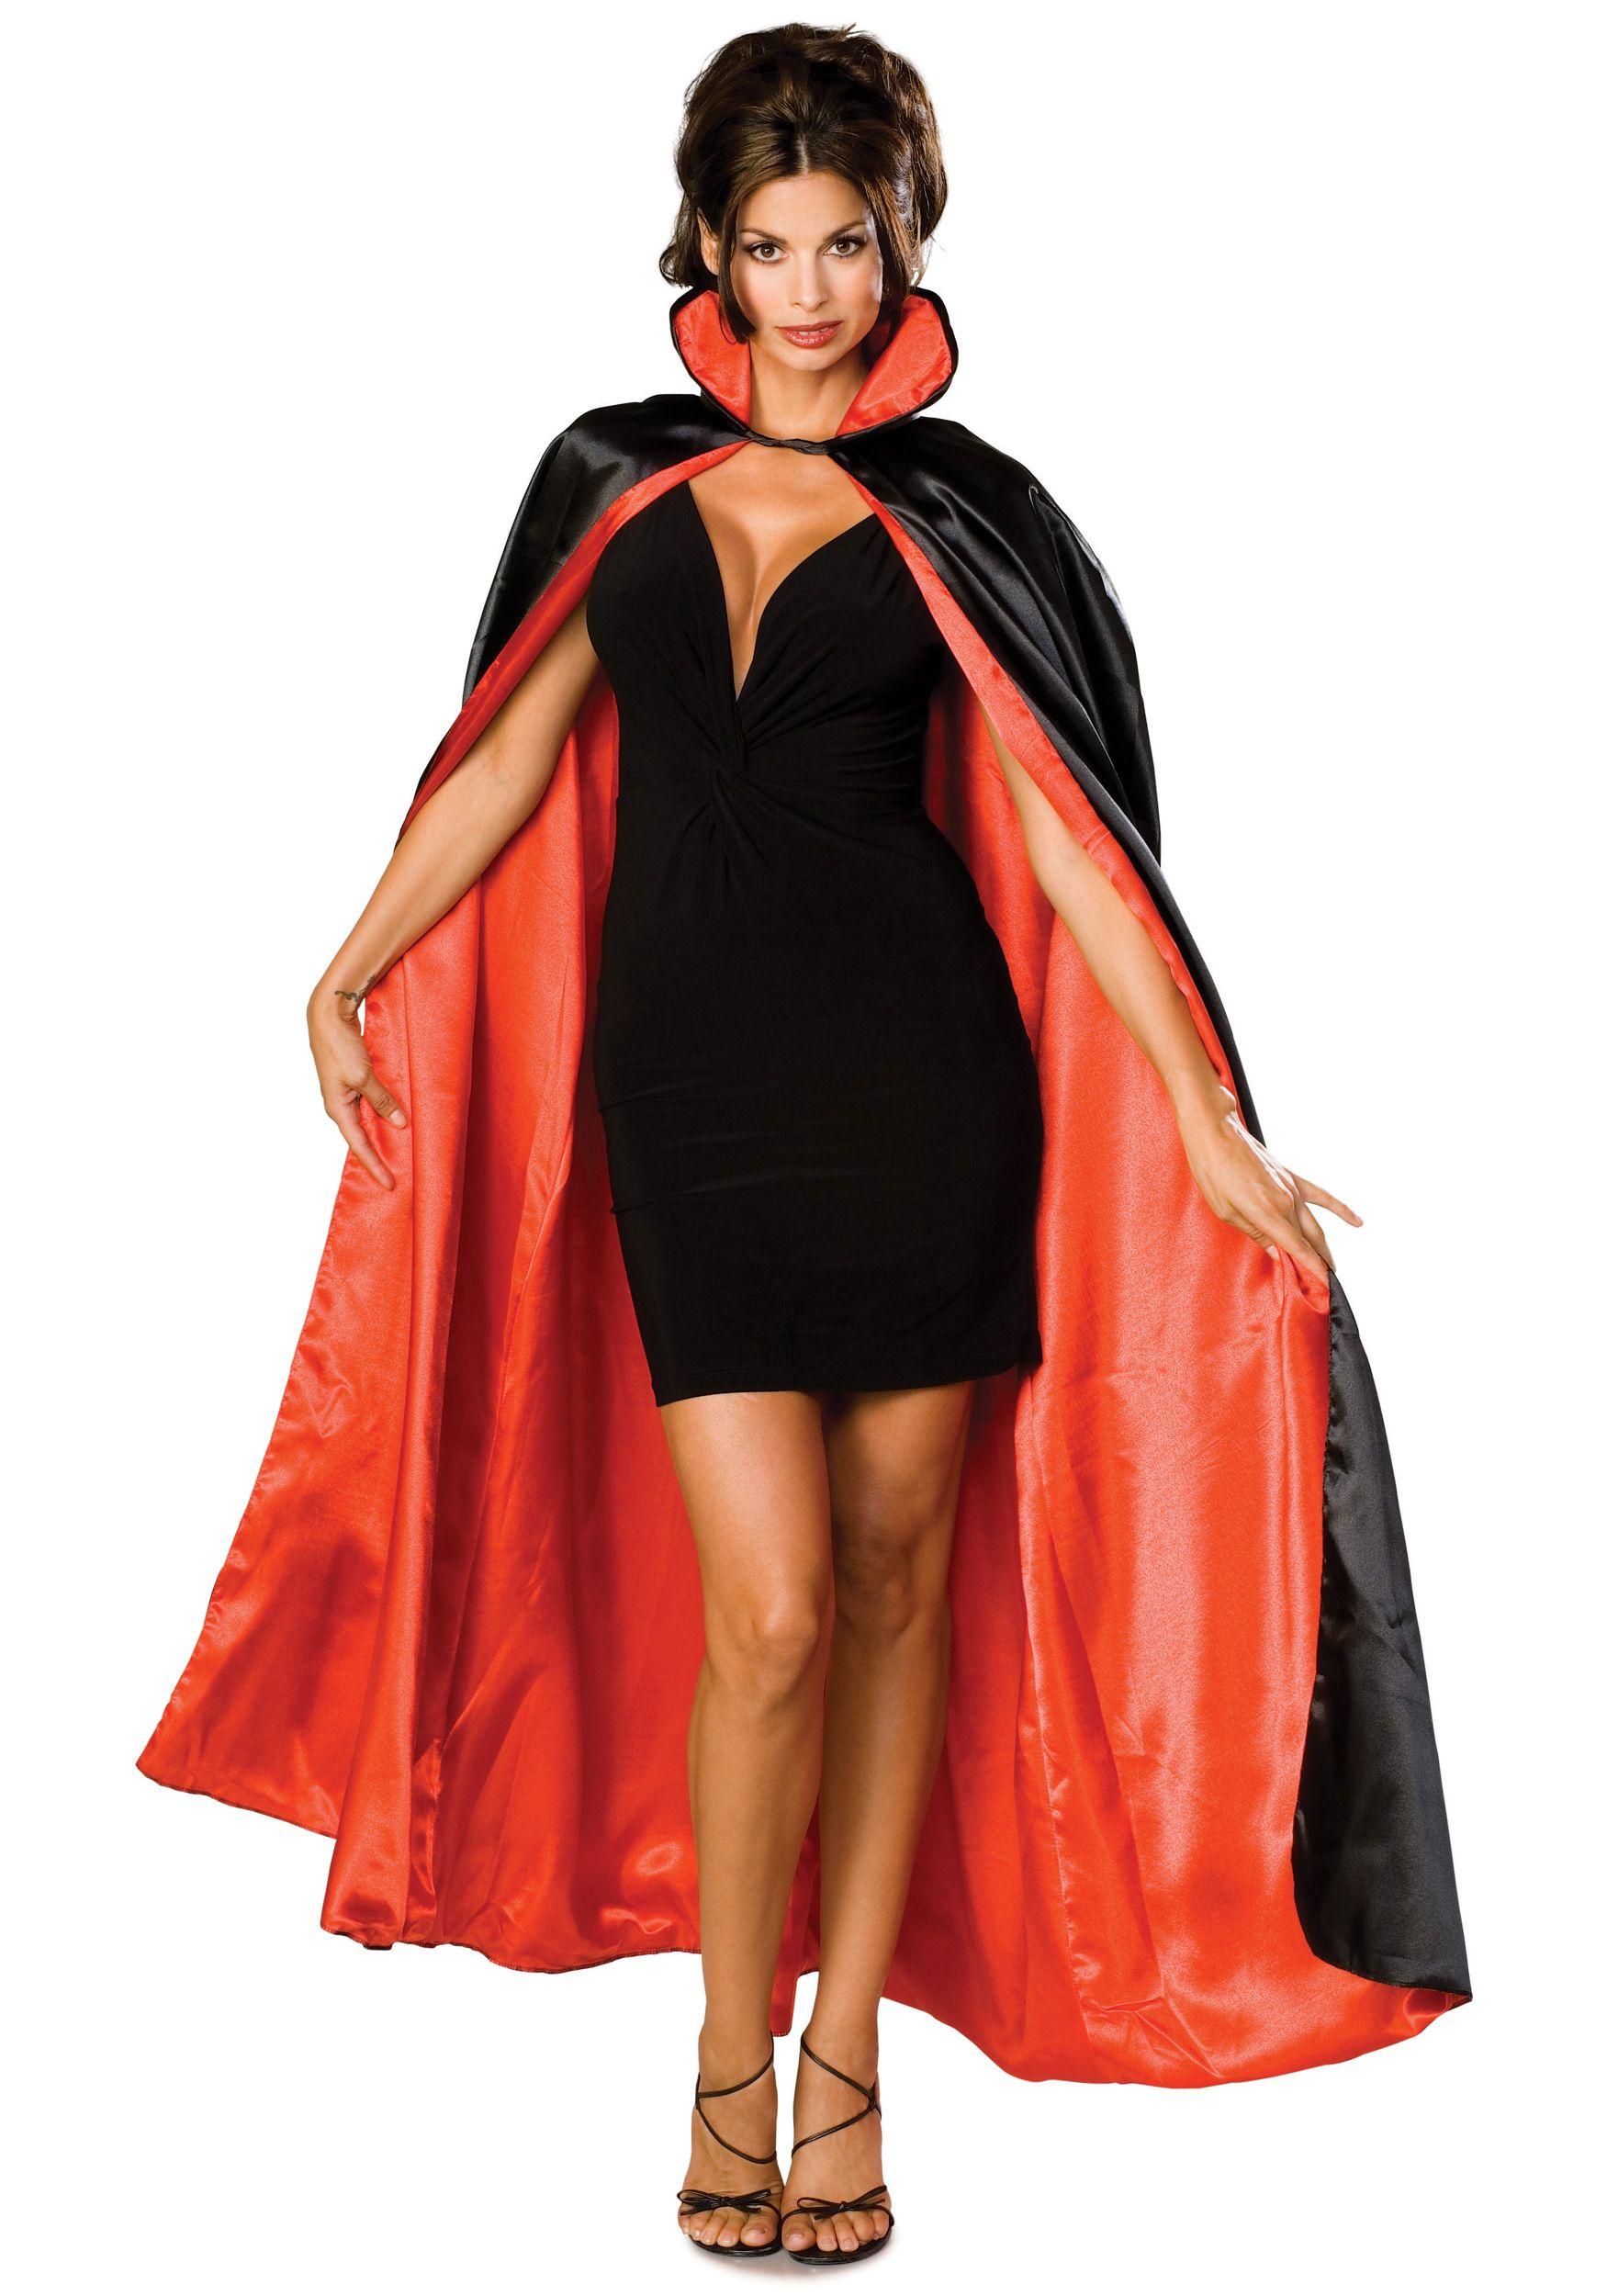 easy diy vampire costume; little black dress, heels, fake